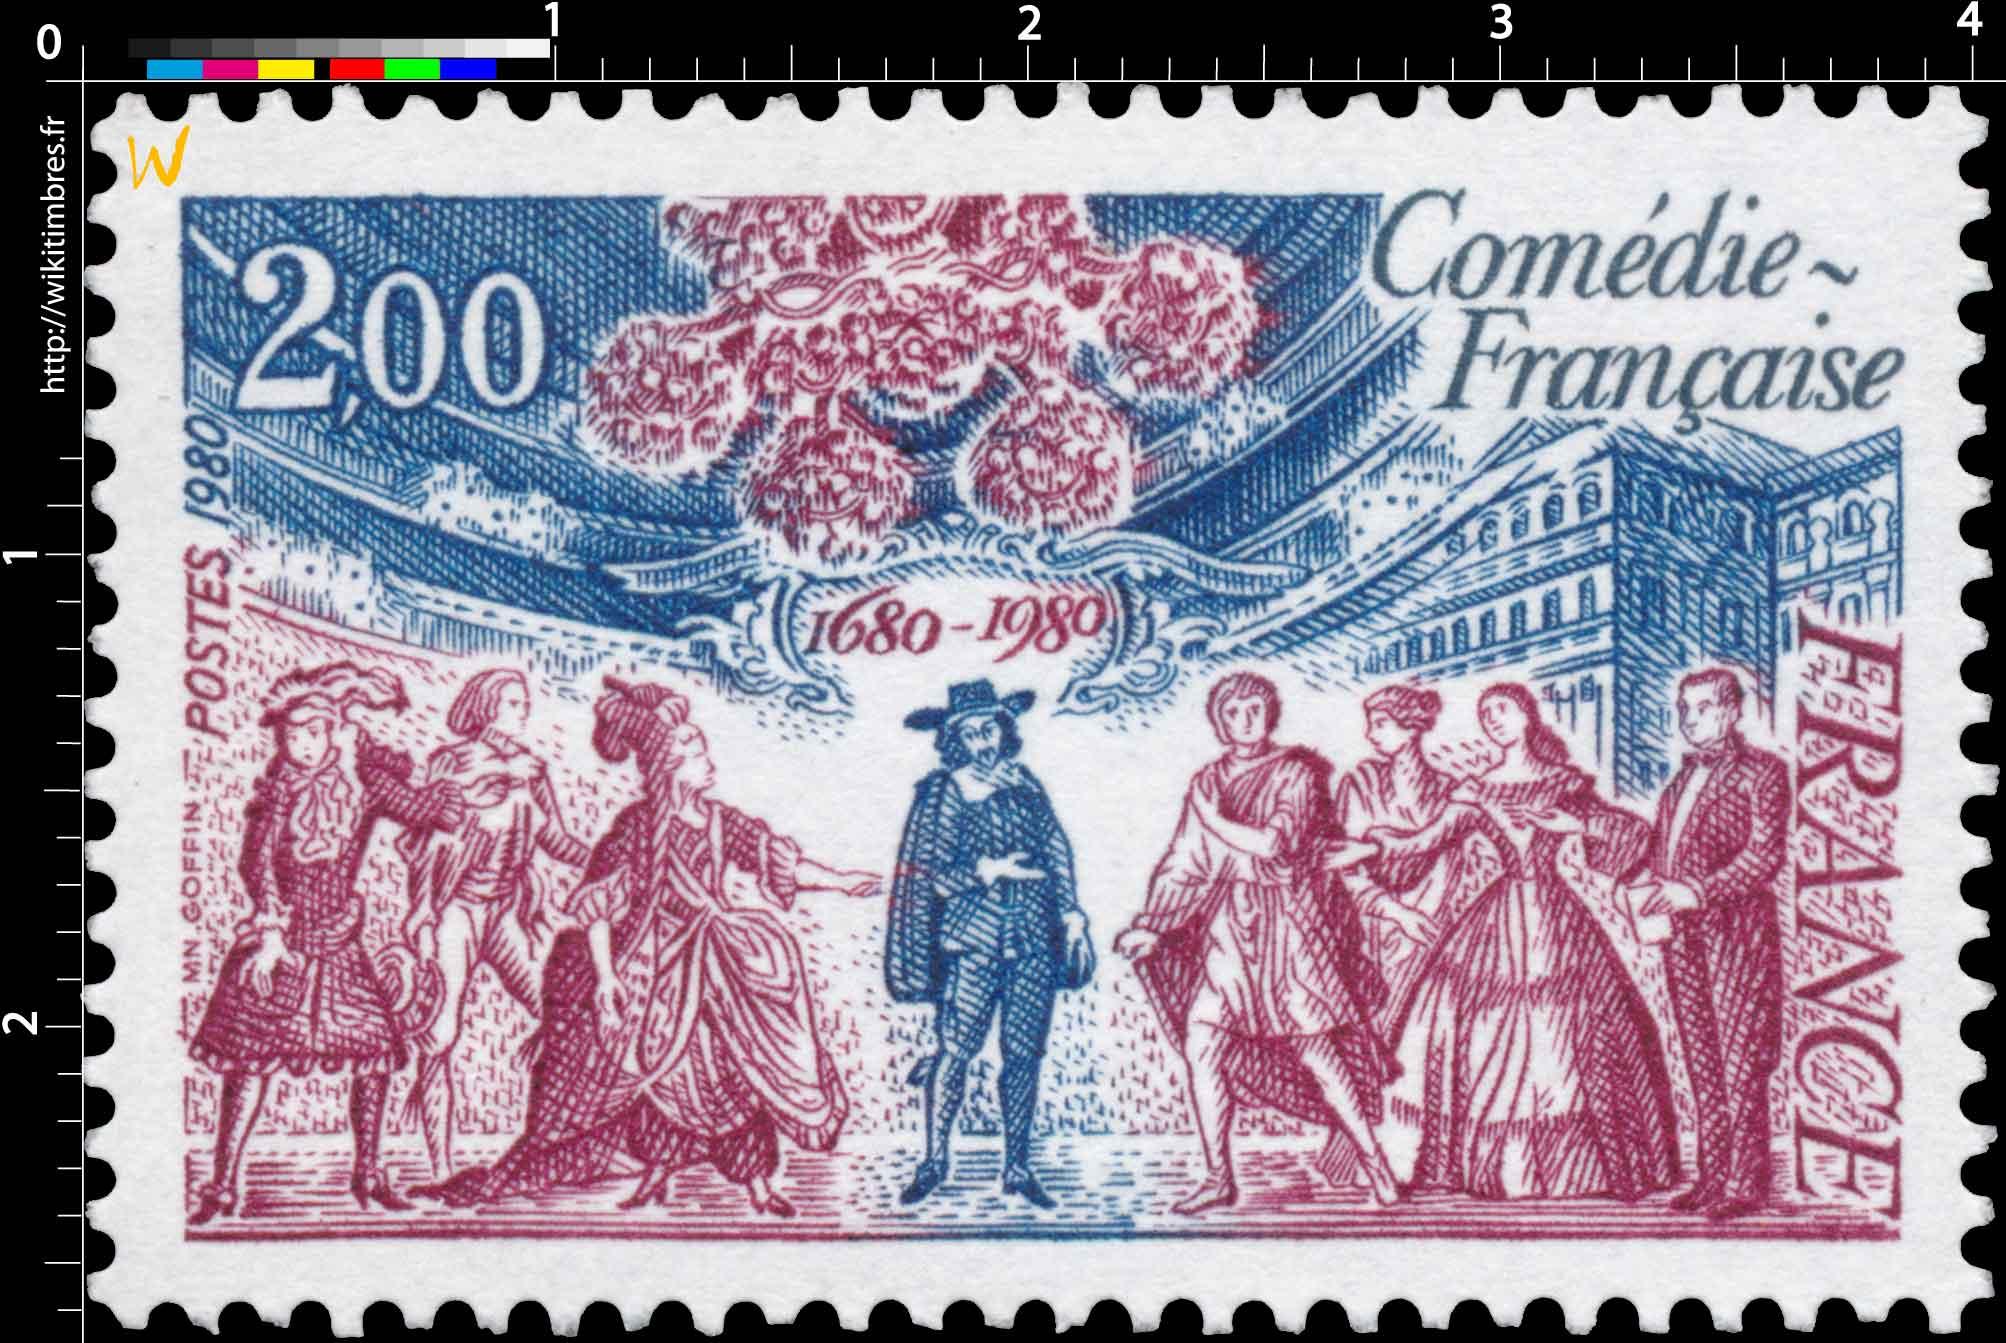 1980 Comédie-Française 1680-1980